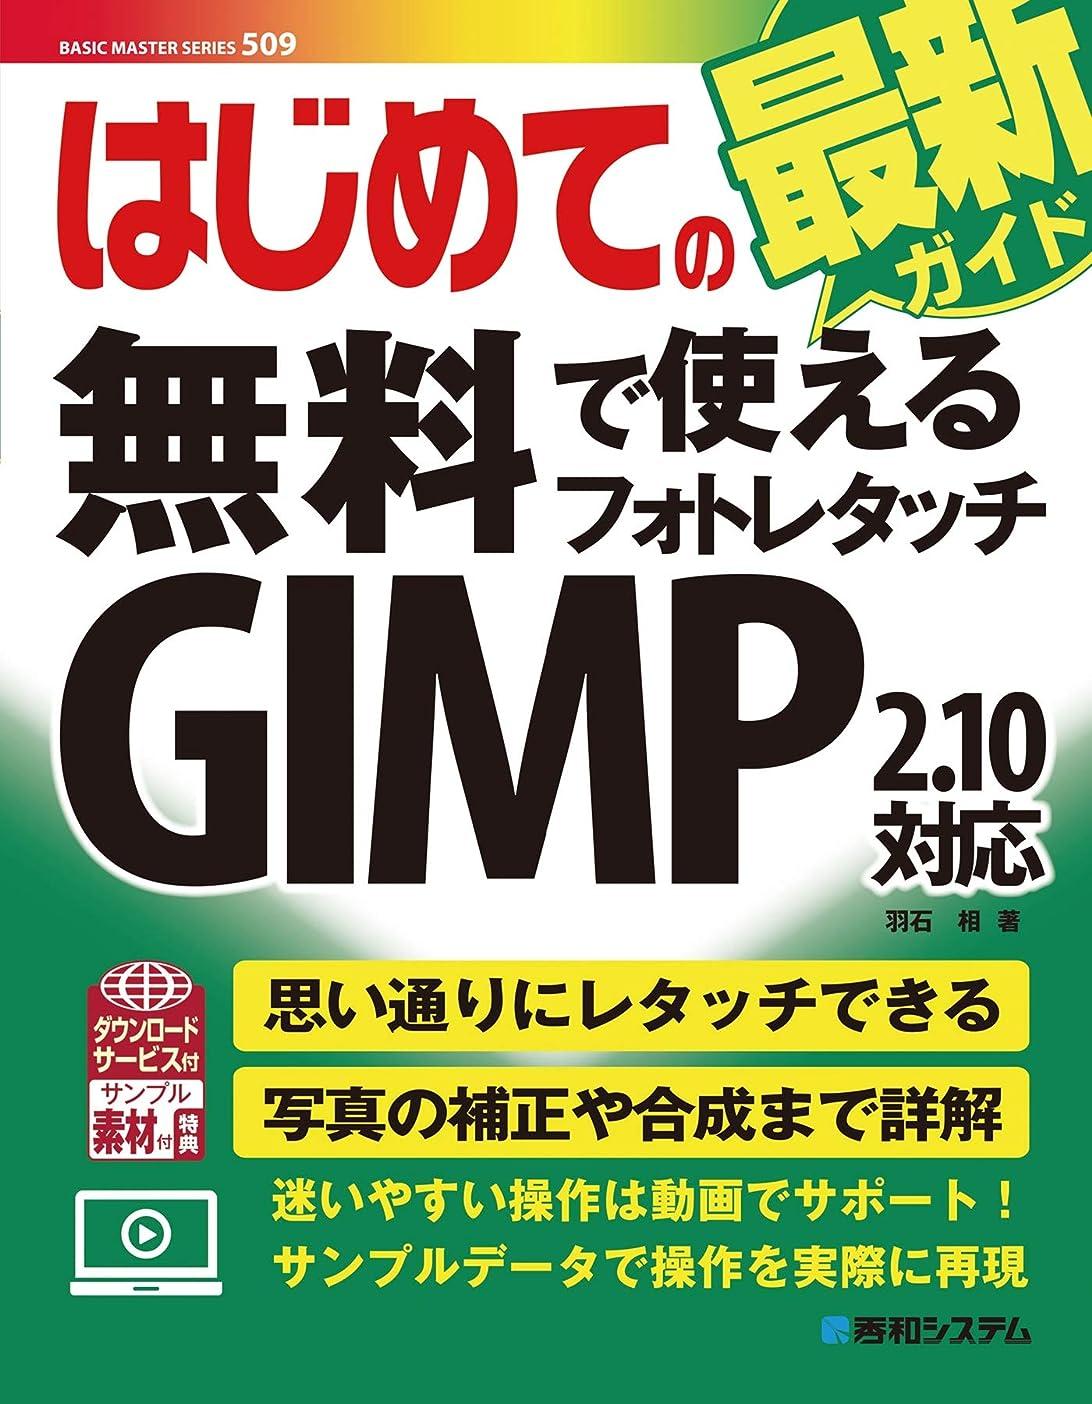 ダイヤル会員非効率的なはじめての無料で使えるフォトレタッチ GIMP 2.10対応